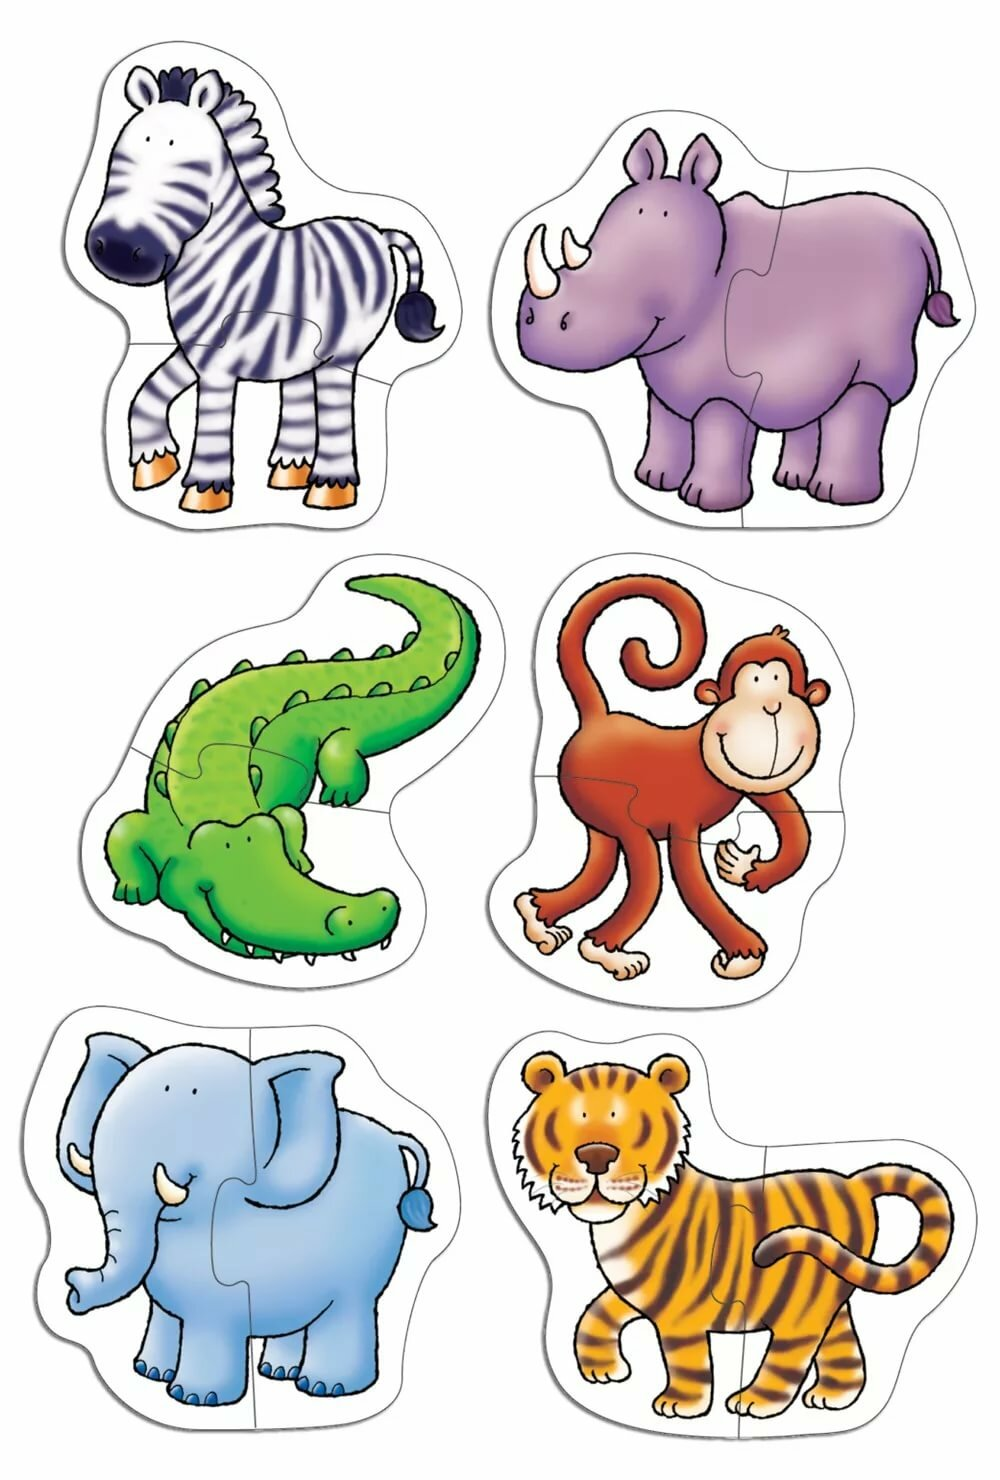 правильном картинка головоломка животные тогда советскому союзу